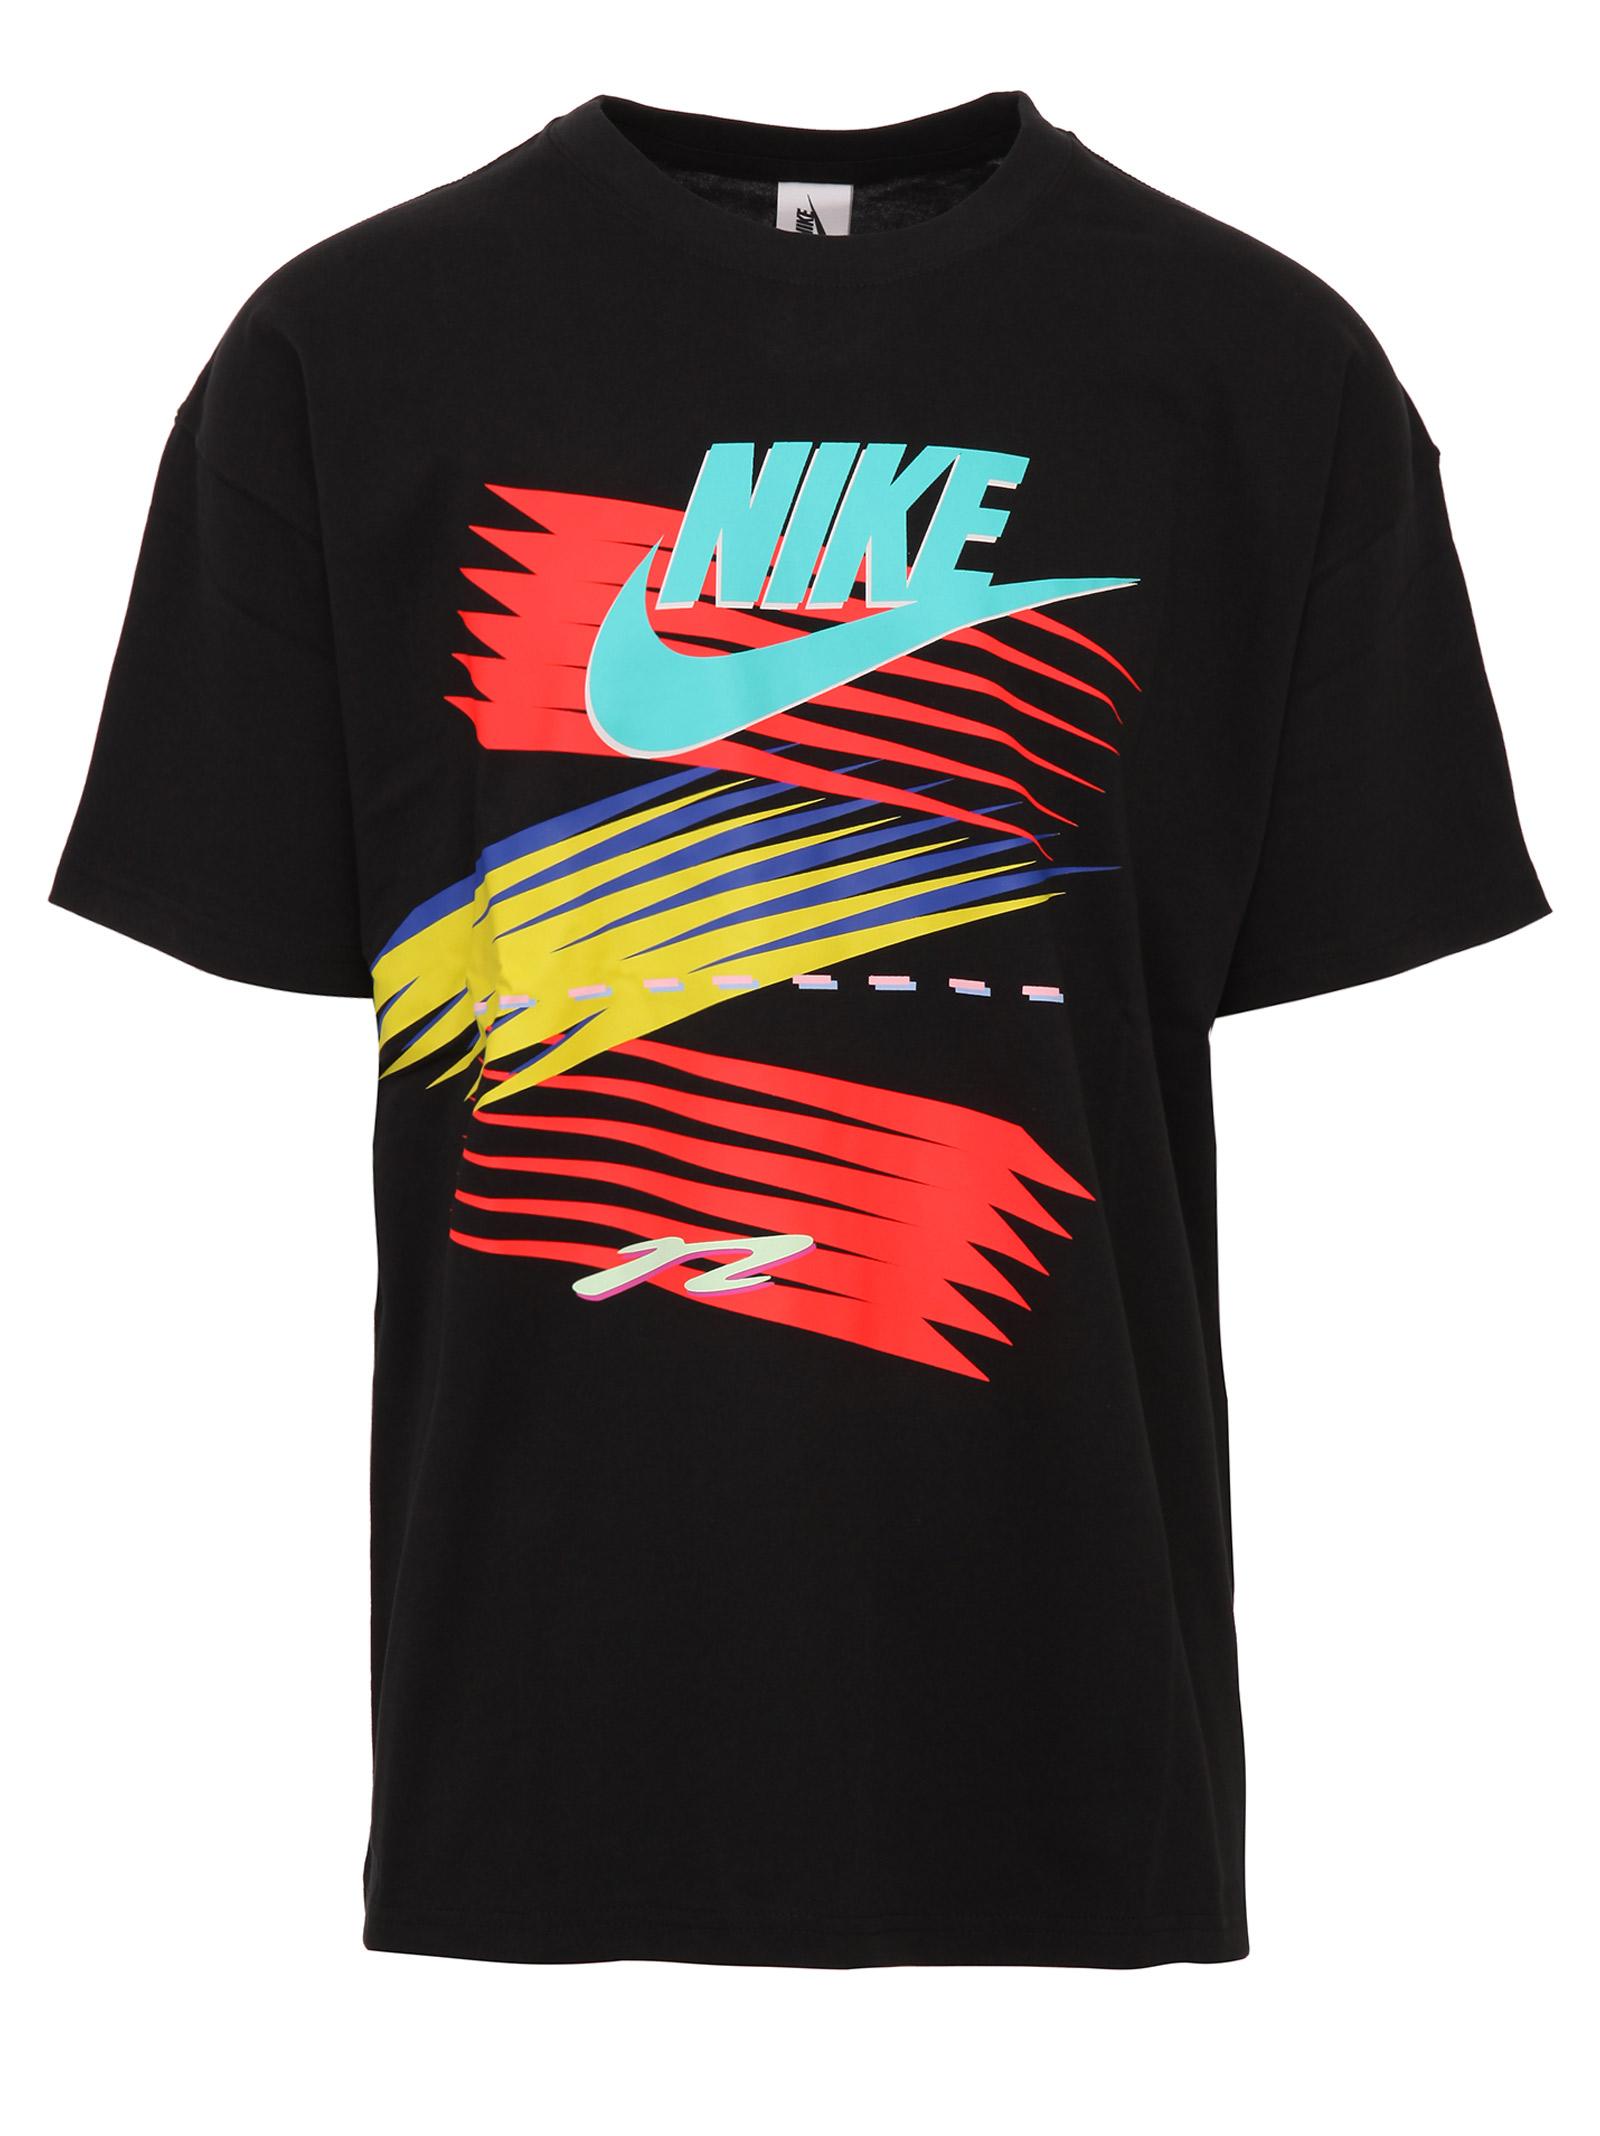 f645791ed714 T-shirt Nike - Nike - Michele Franzese Moda